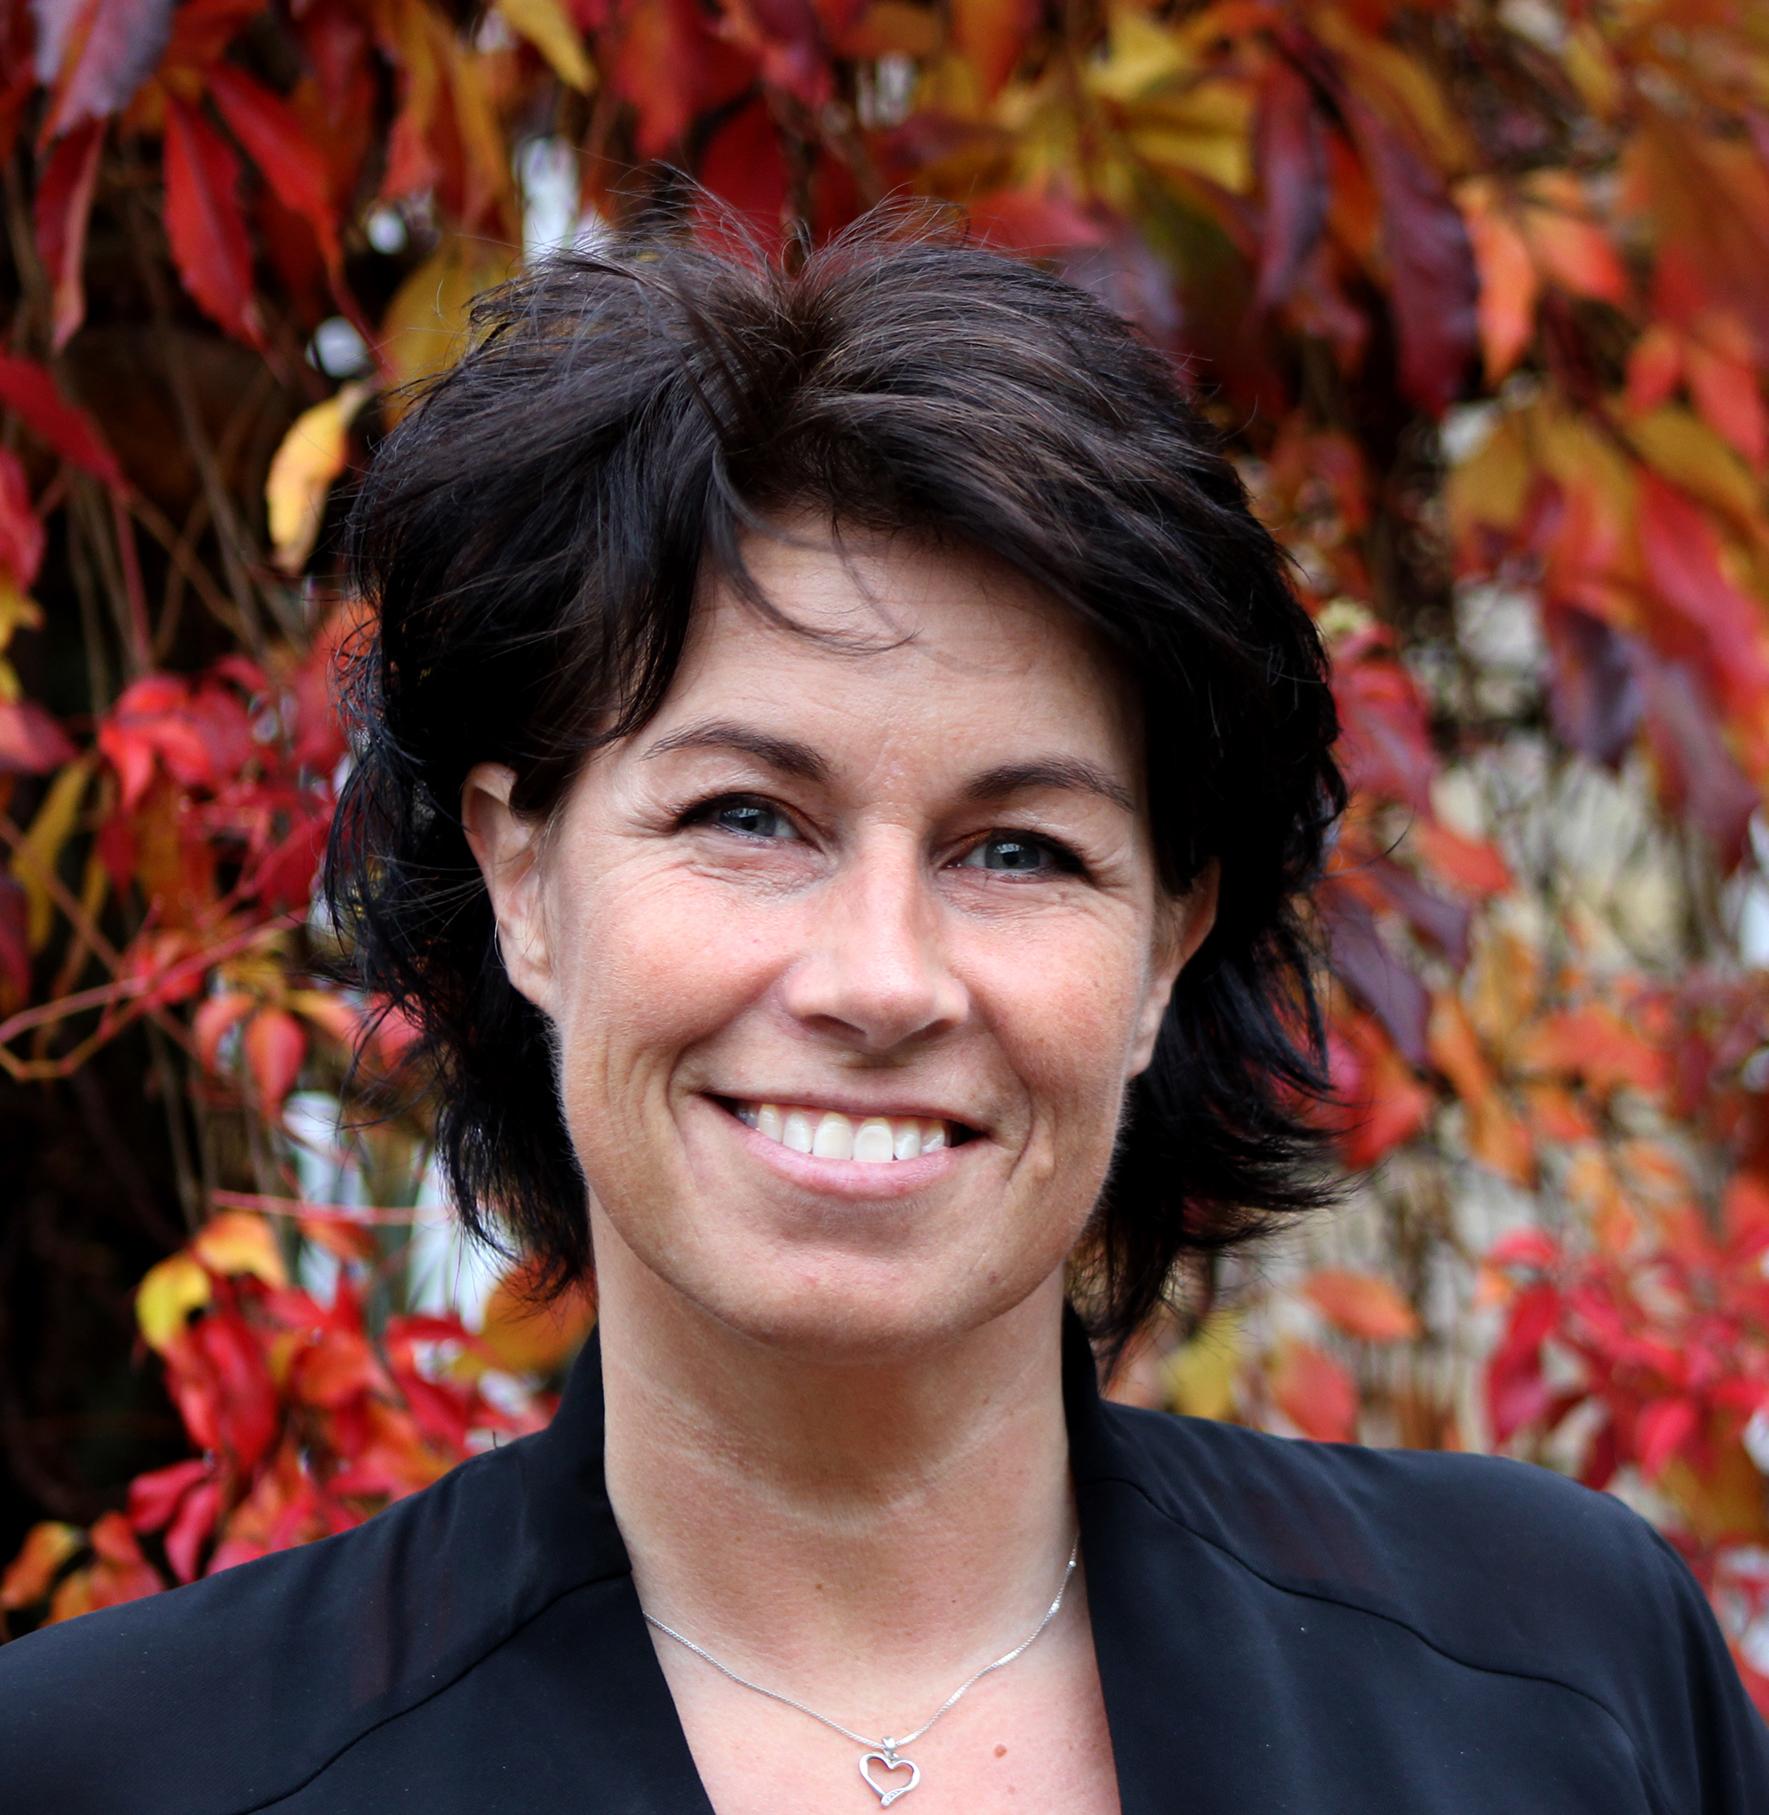 Linda Andersen 17.10.17 2 CUT